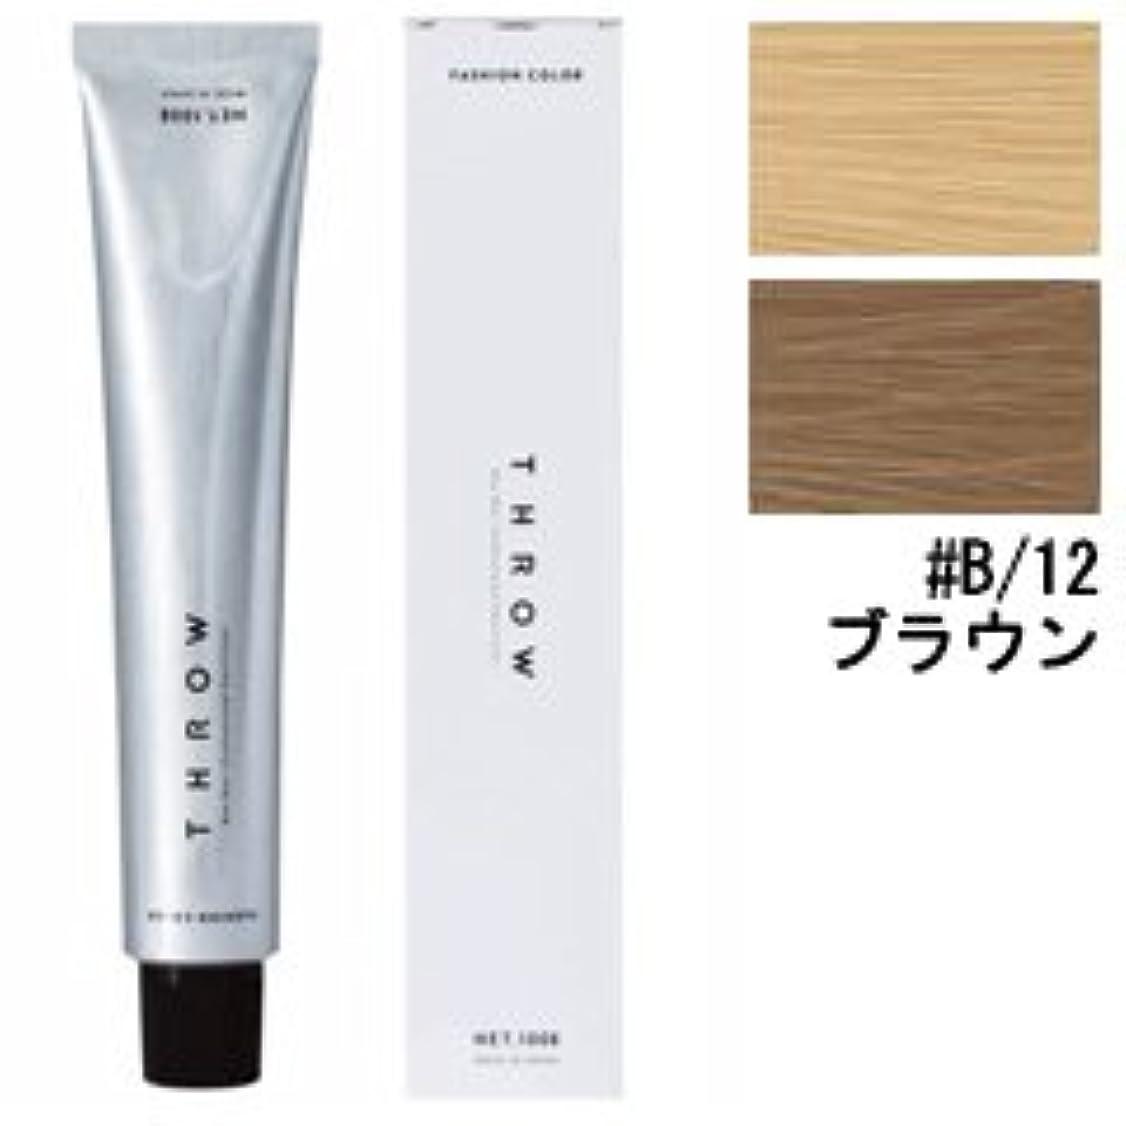 鎖不良回路【モルトベーネ】スロウ ファッションカラー #B/12 ブラウン 100g